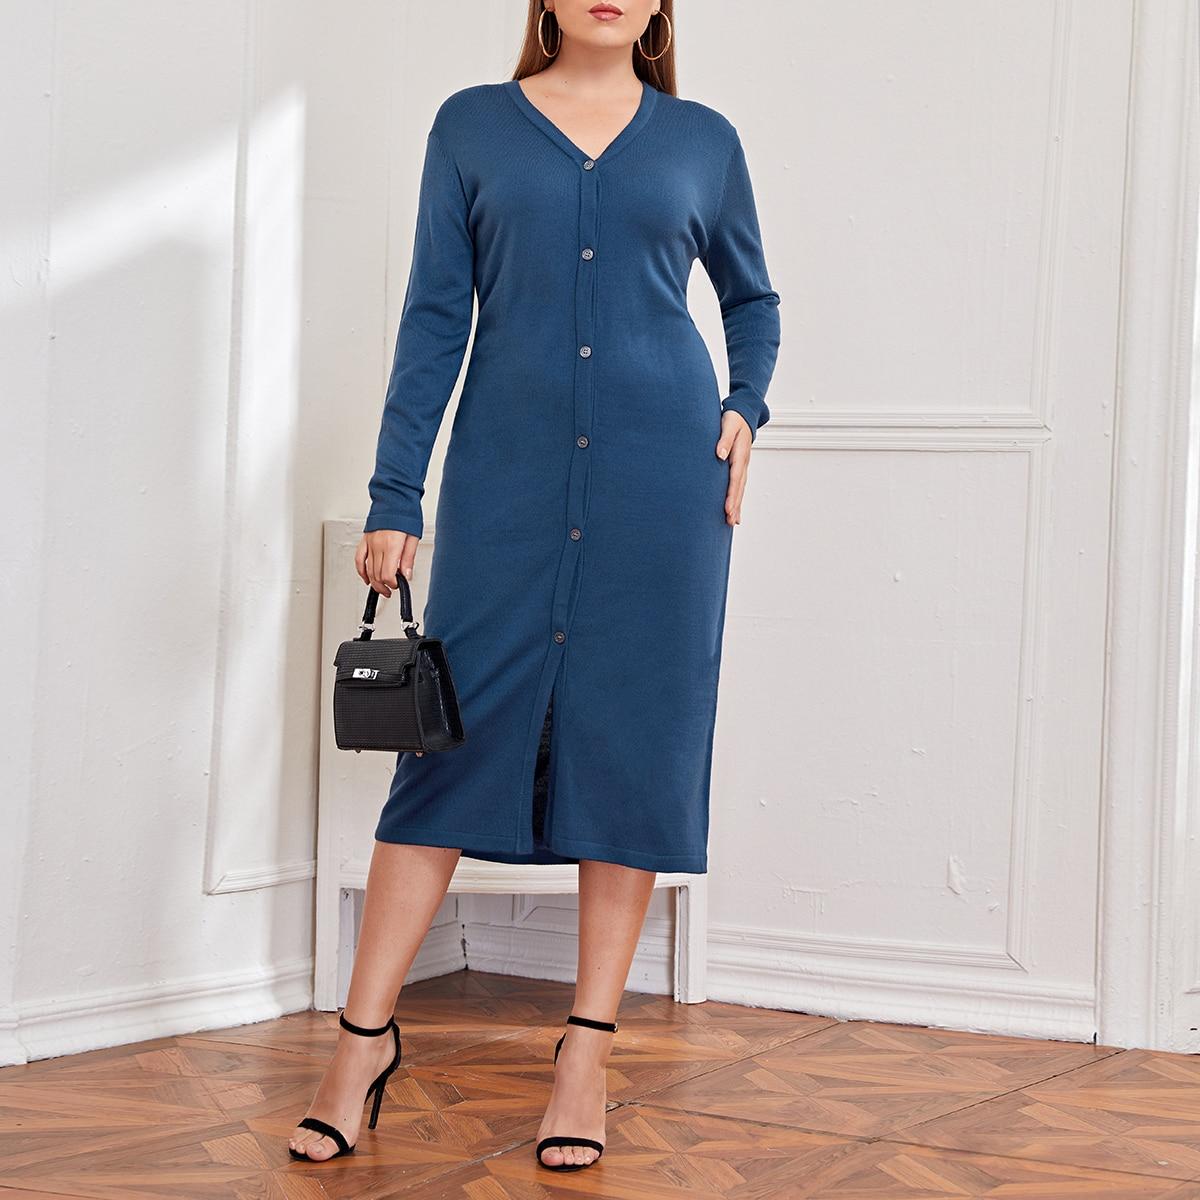 Пуговица Одноцветный Повседневный Свитер-платье размер плюс